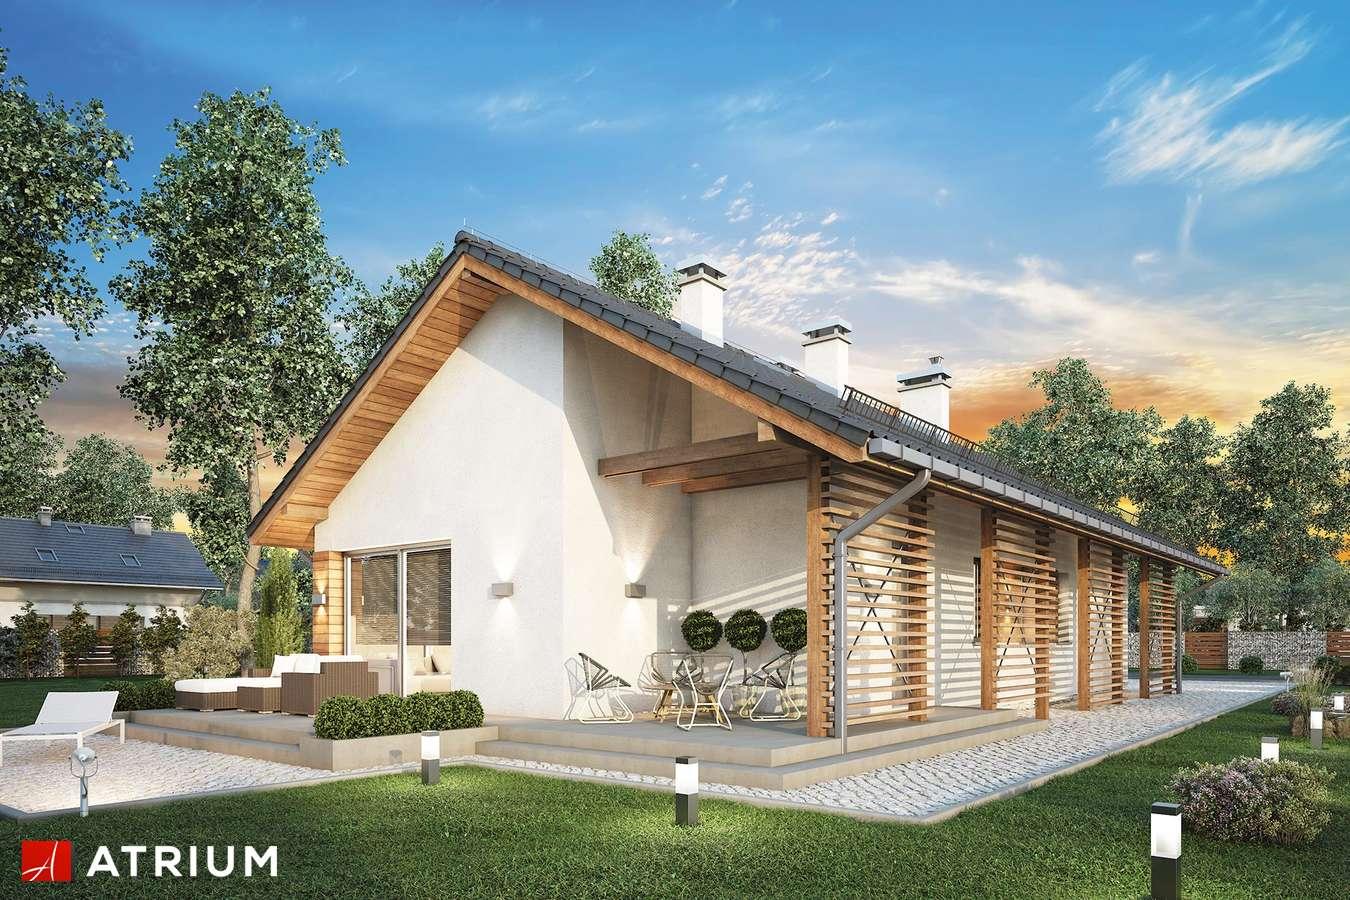 Projekty domów - Projekt domu parterowego OLIMPIA II - wizualizacja 1